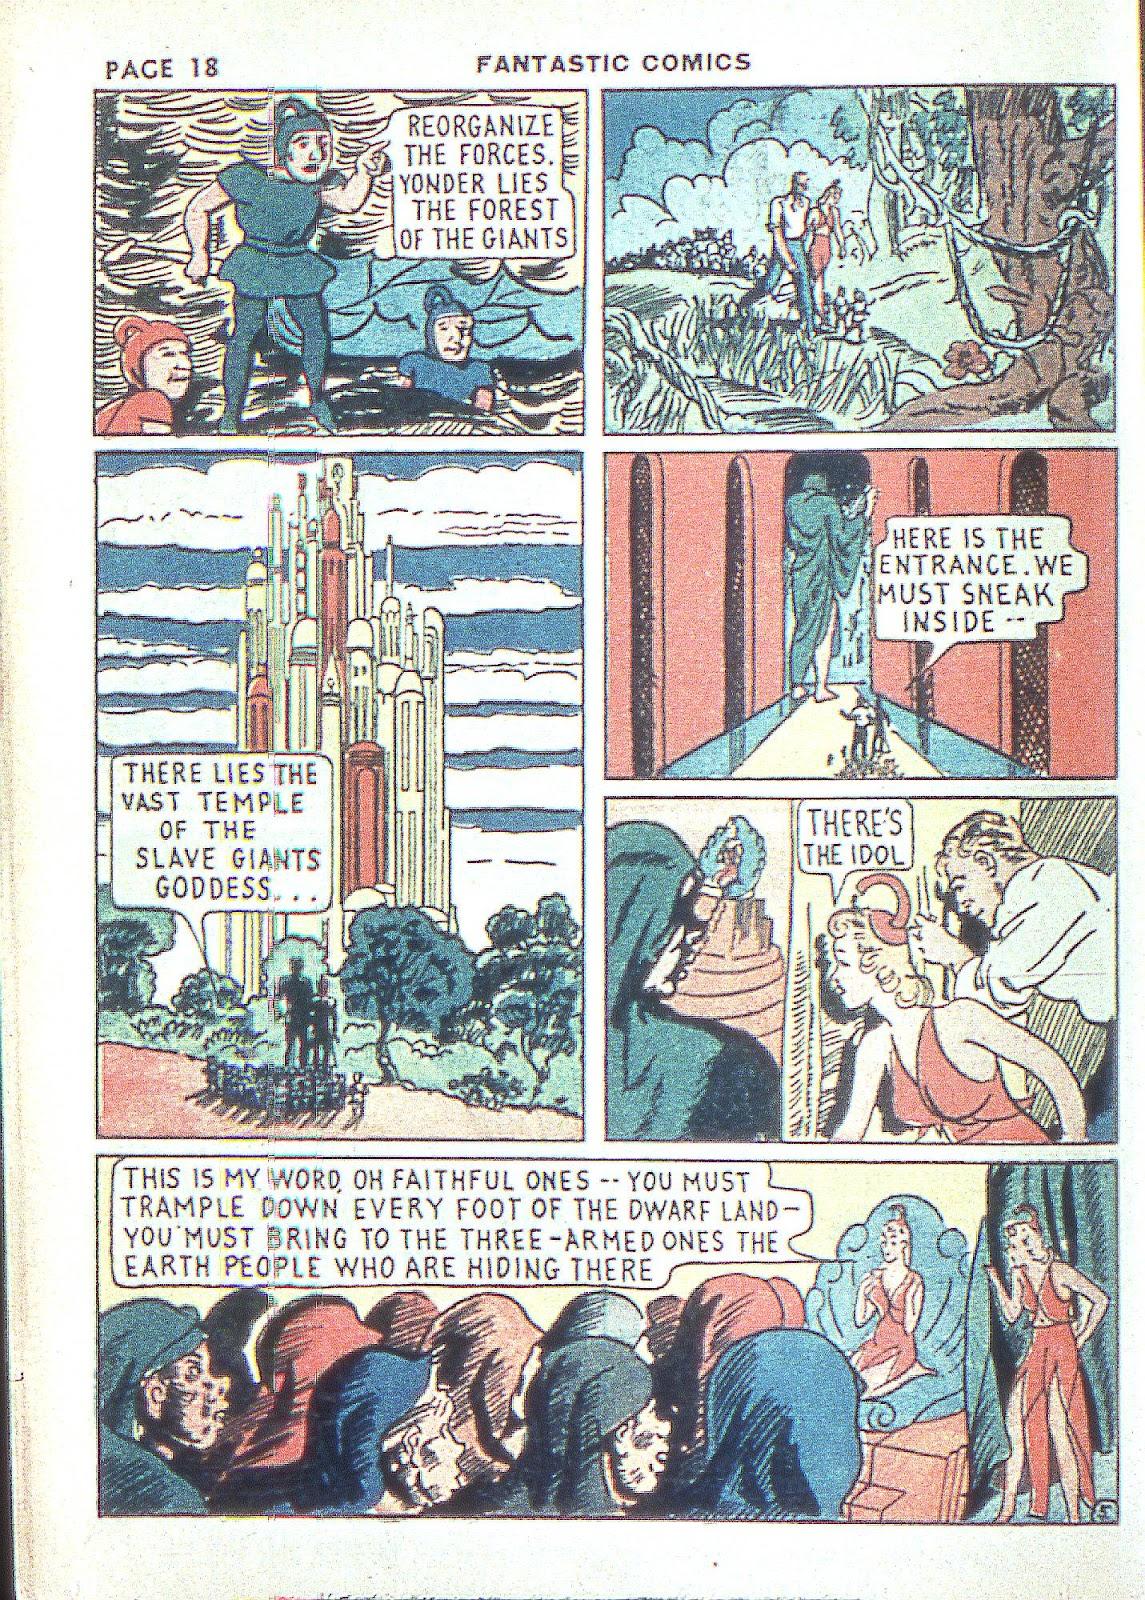 Read online Fantastic Comics comic -  Issue #3 - 21